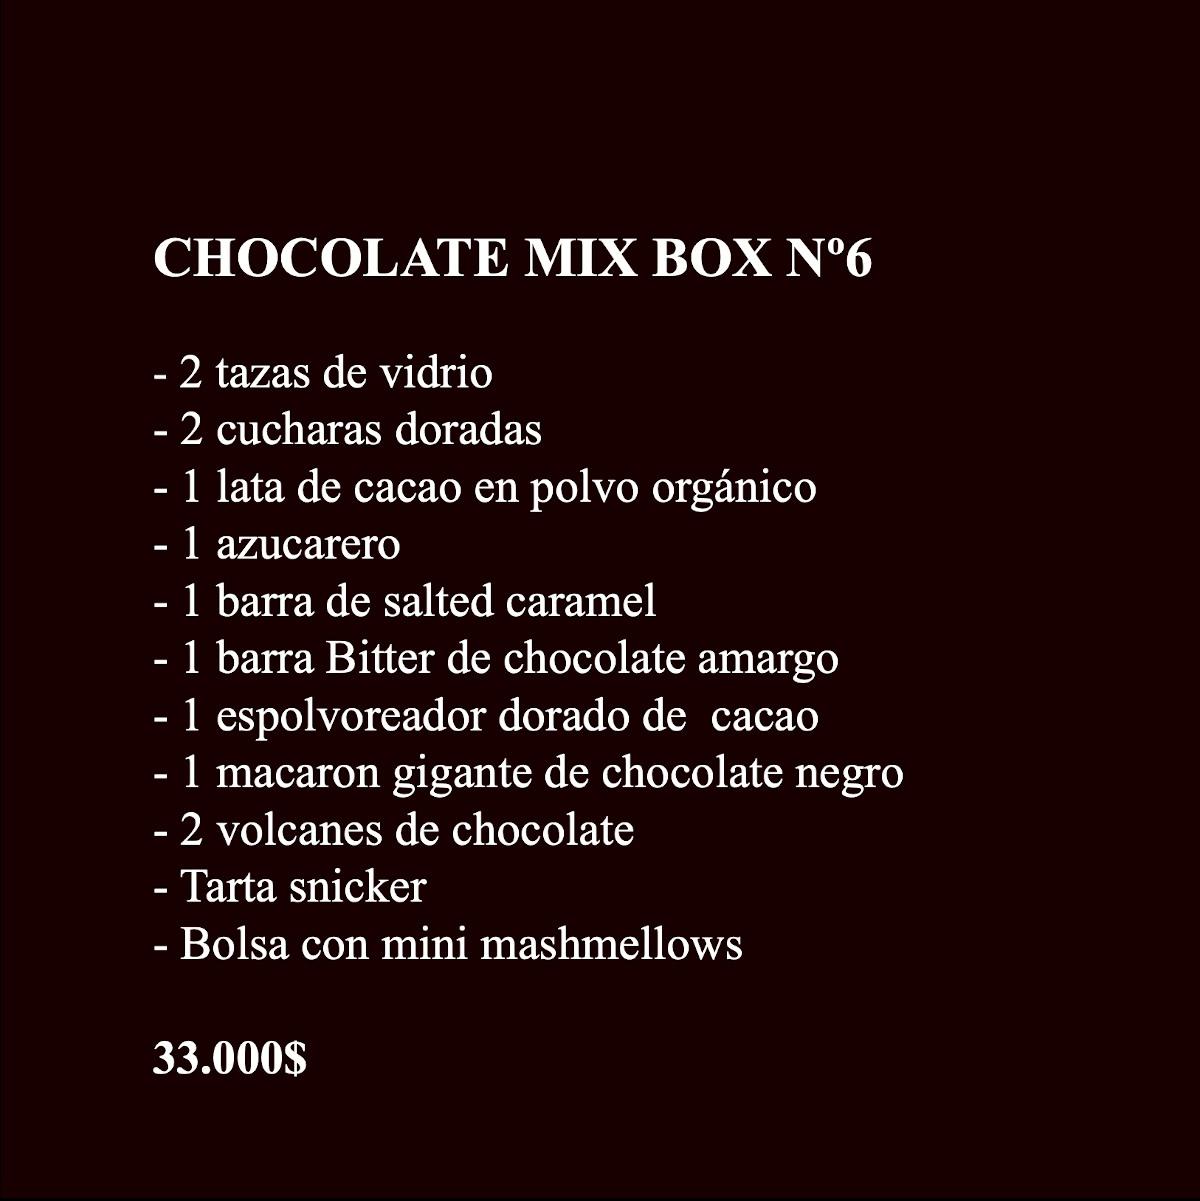 Chocolate Box 6 Contenido